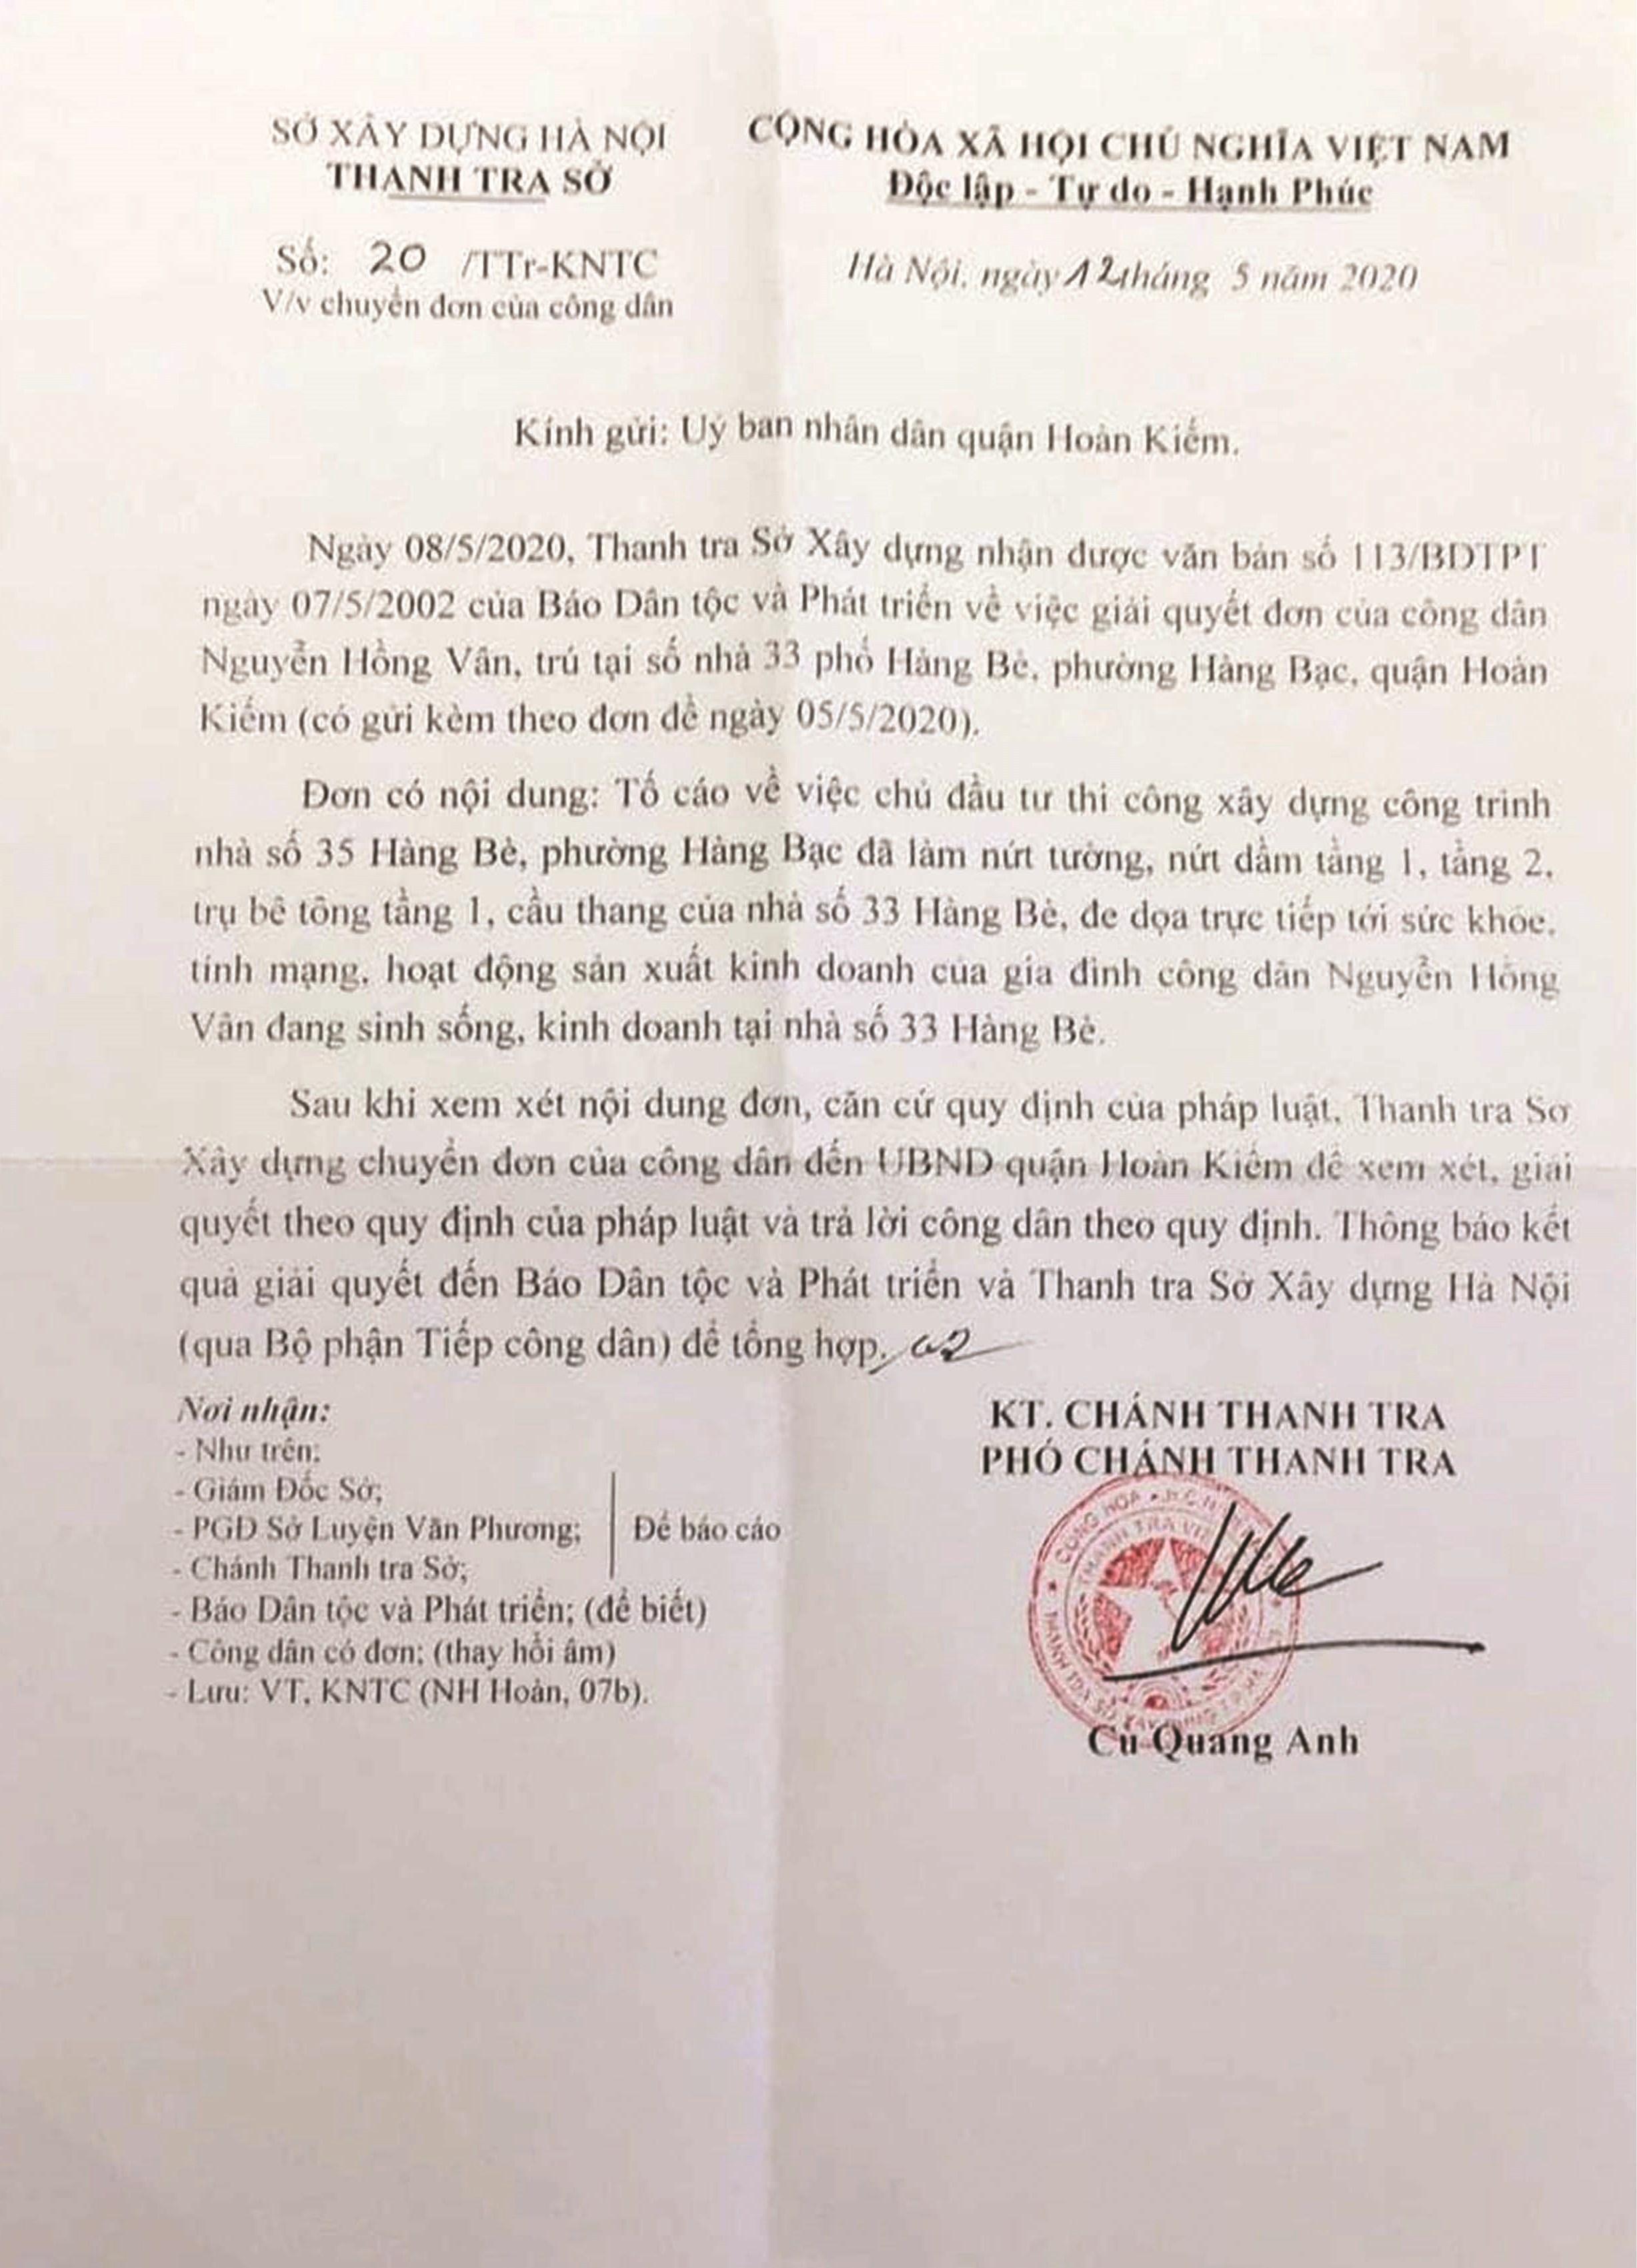 Công văn của Thanh tra Sở Xây dựng TP. Hà Nội yêu cầu UBND Quận Hoàn Kiếm gửi thông báo kết quả giải quyết đến Báo Dân tộc và Phát triển